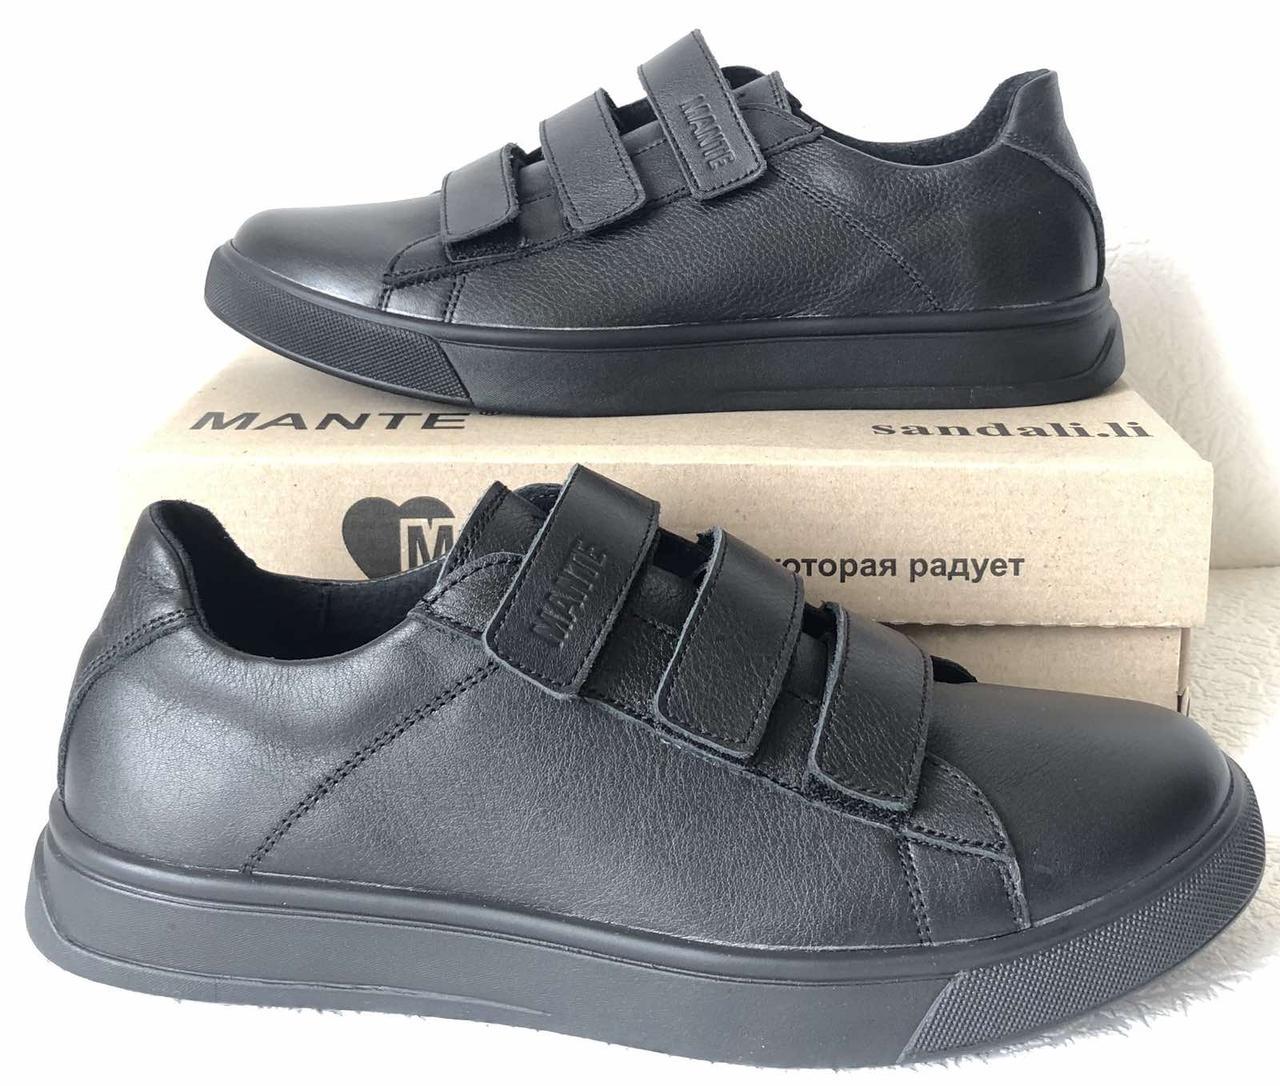 Mante! Брендовые кожаные черные женские туфли на липучках кроссовки слипоны кеды